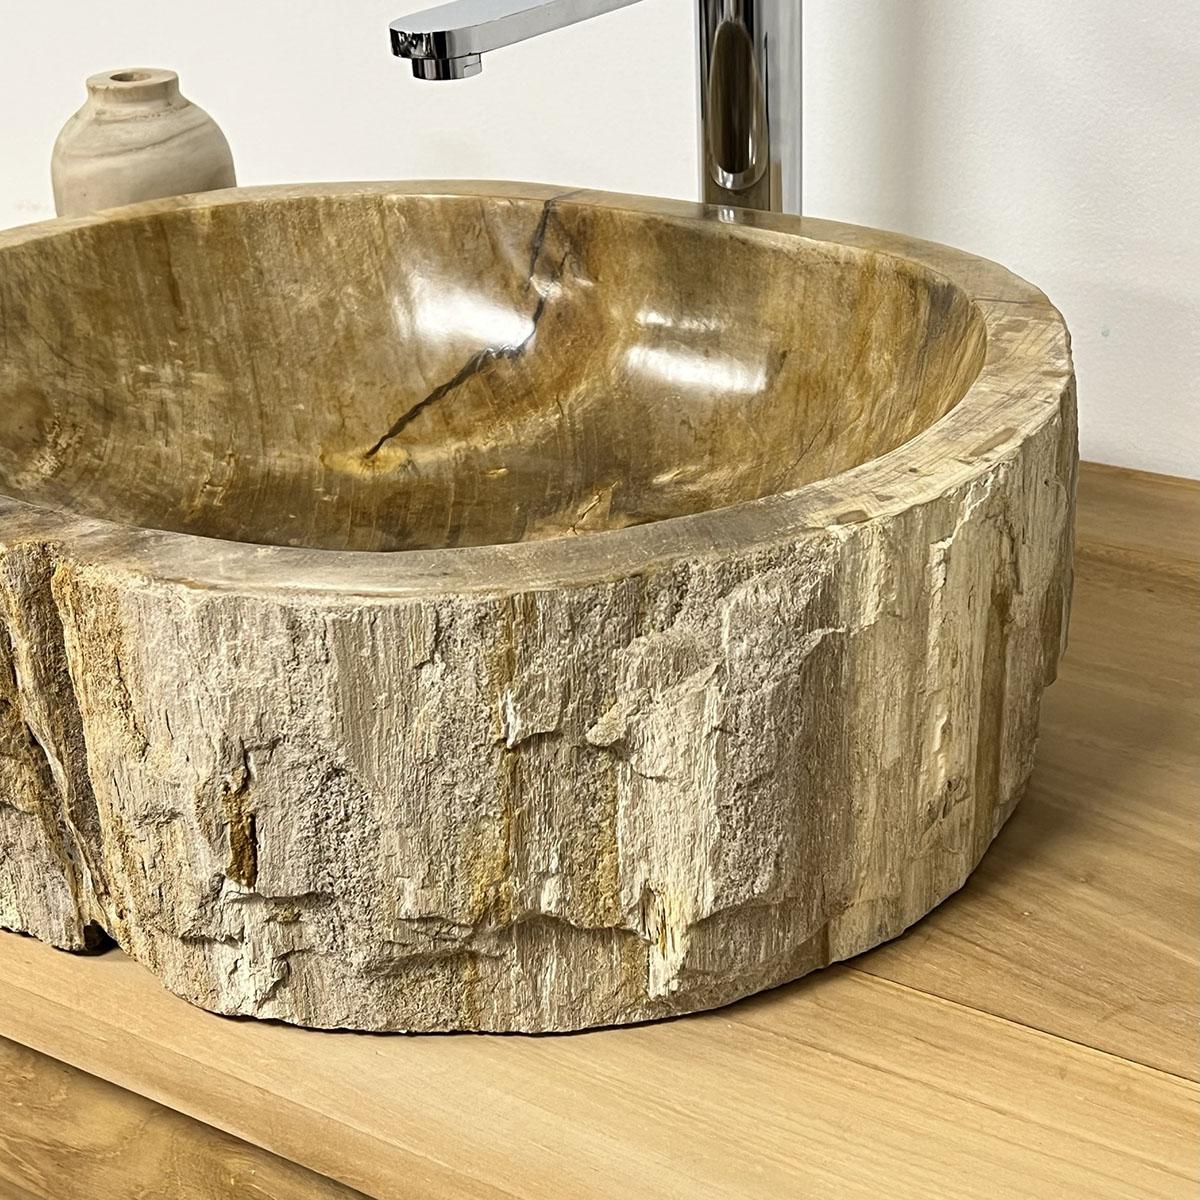 lavabo de salle de bain en bois p trifi fossilis marron l 41 cm. Black Bedroom Furniture Sets. Home Design Ideas